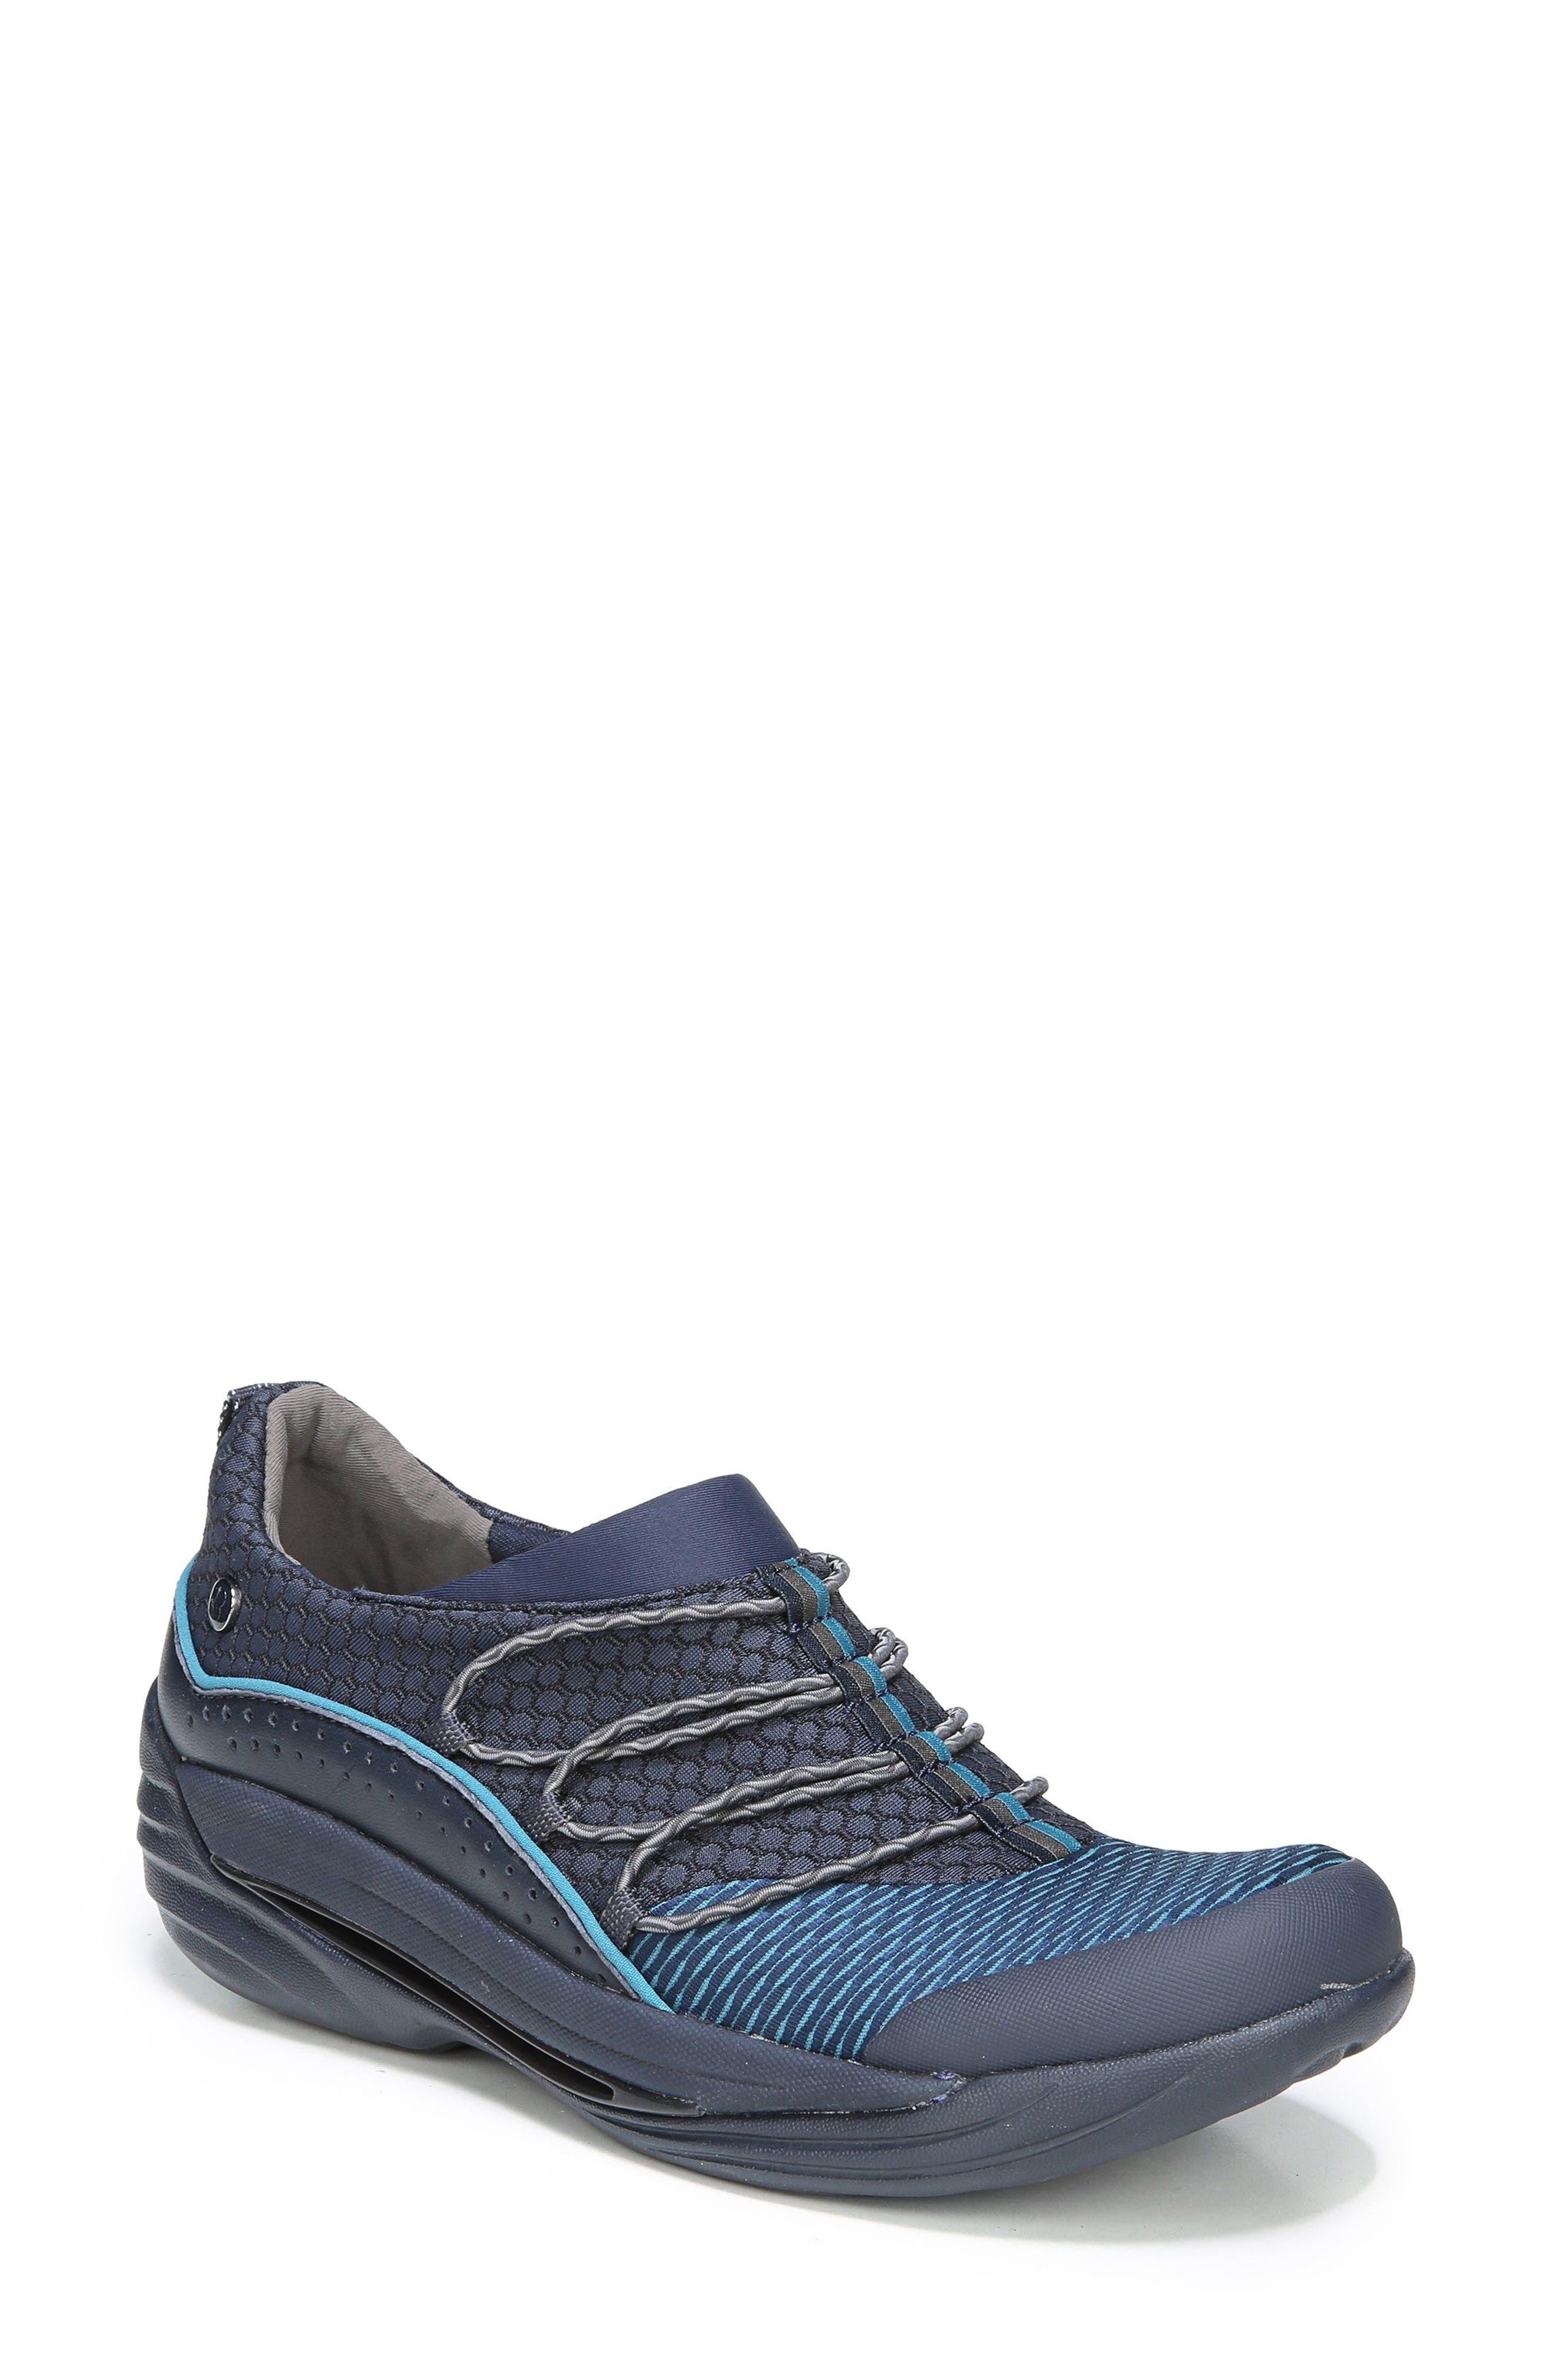 Pisces Slip-On Sneaker,                         Main,                         color, NAVY